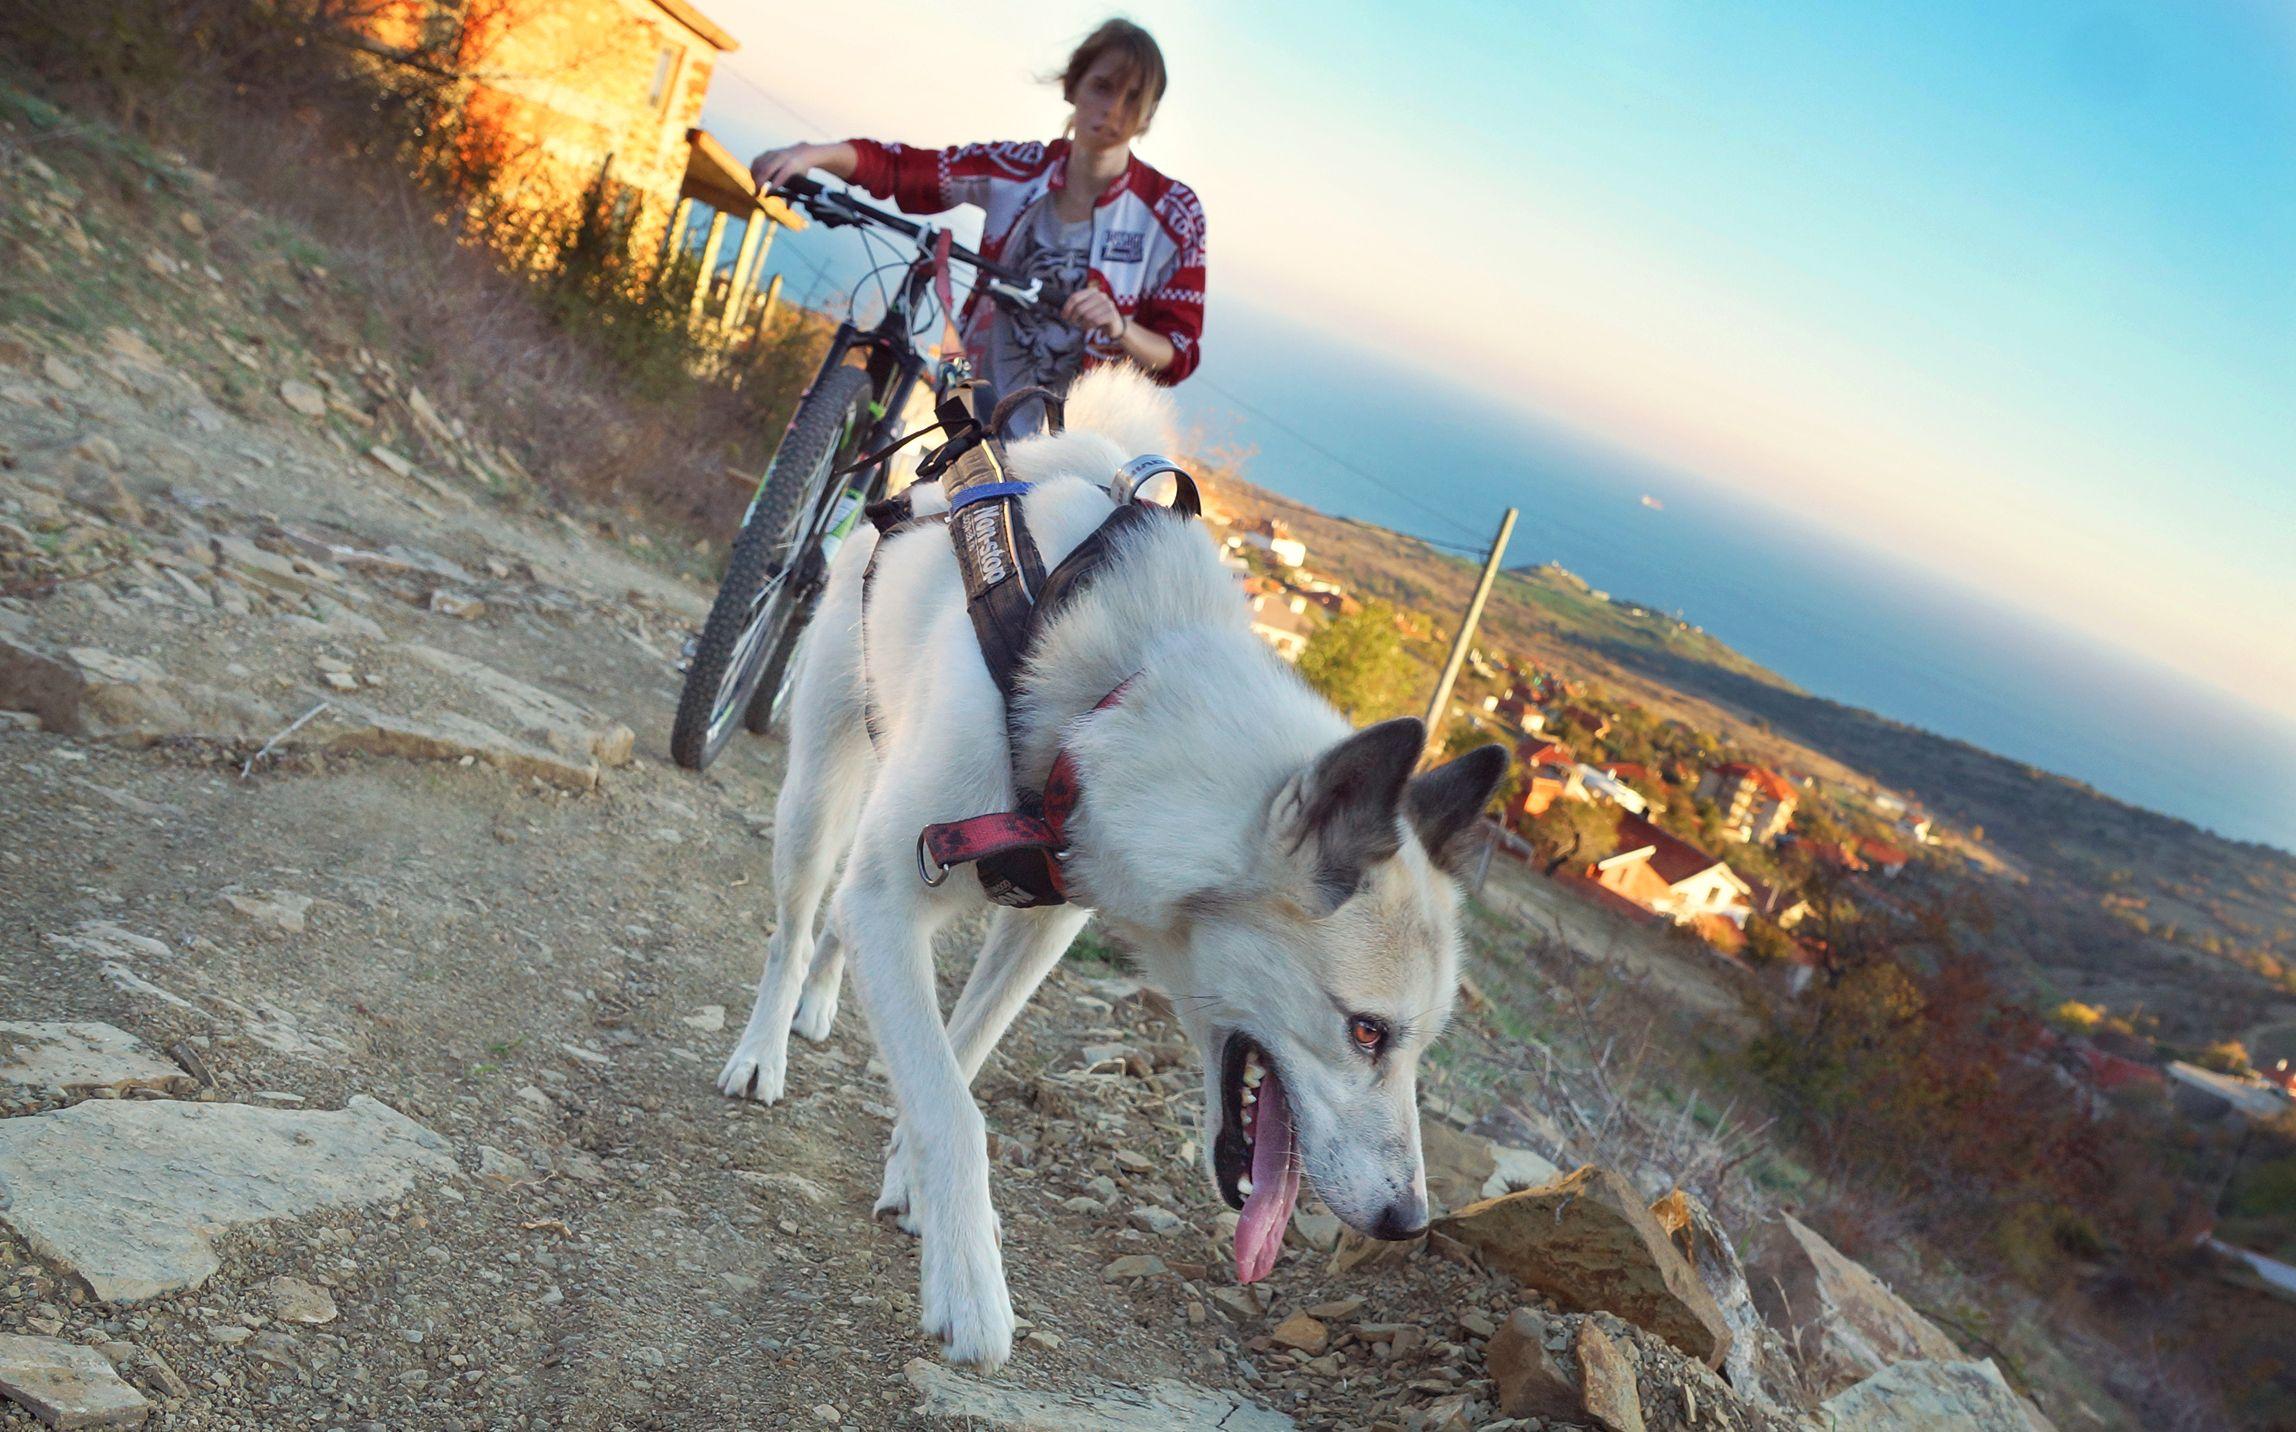 Podróż z psem w Bułgarii (fot. archiwum prywatne)